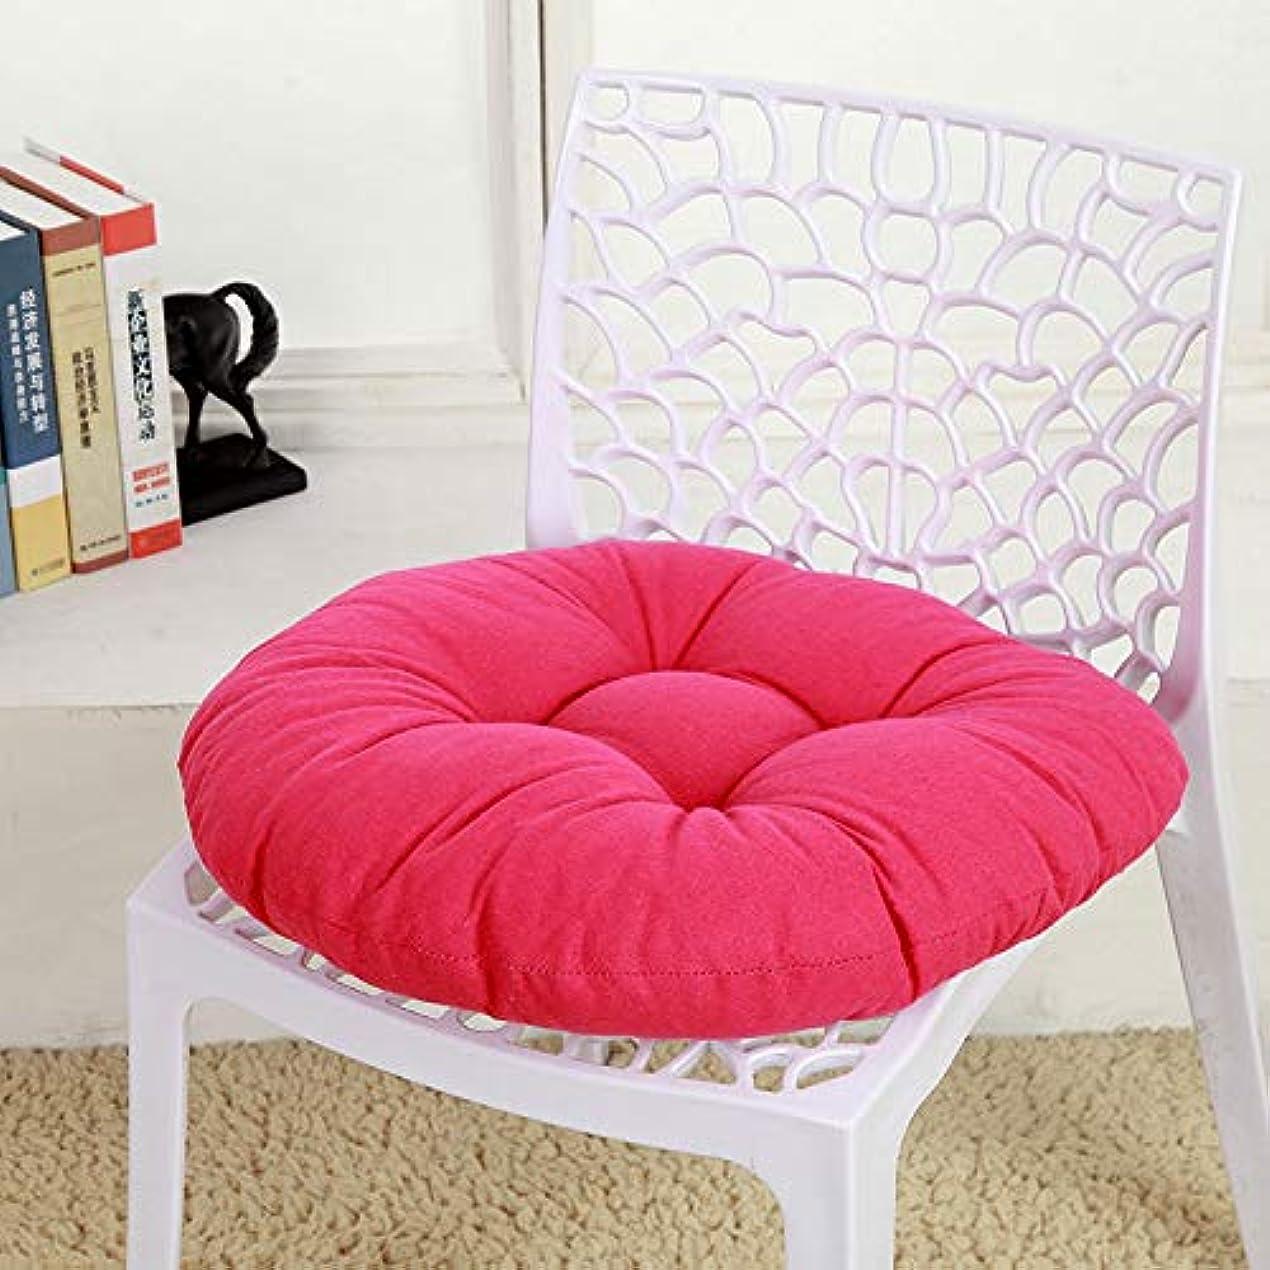 衣服リングレット嫌なSMART キャンディカラーのクッションラウンドシートクッション波ウィンドウシートクッションクッション家の装飾パッドラウンド枕シート枕椅子座る枕 クッション 椅子